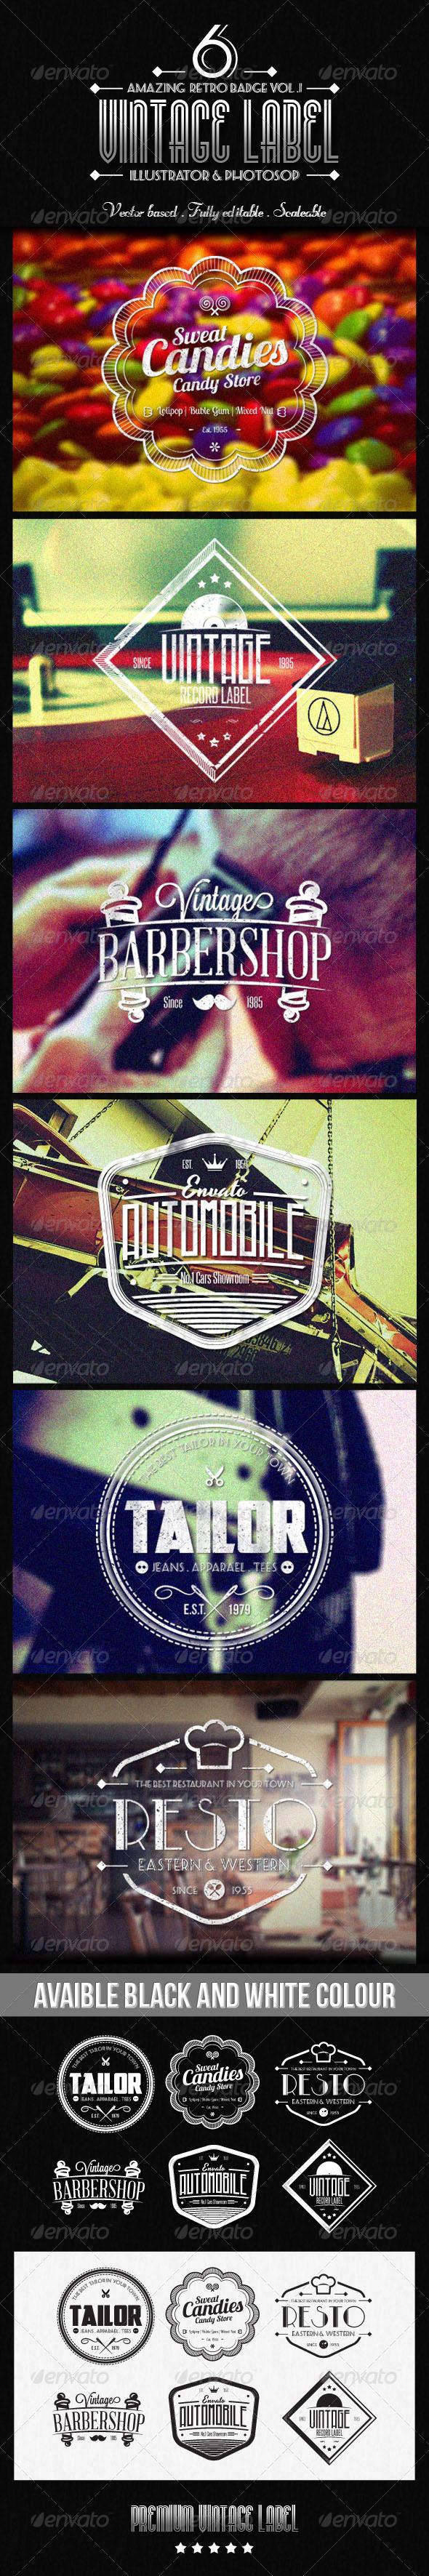 Vintage Label vol.2 - Badges & Stickers Web Elements